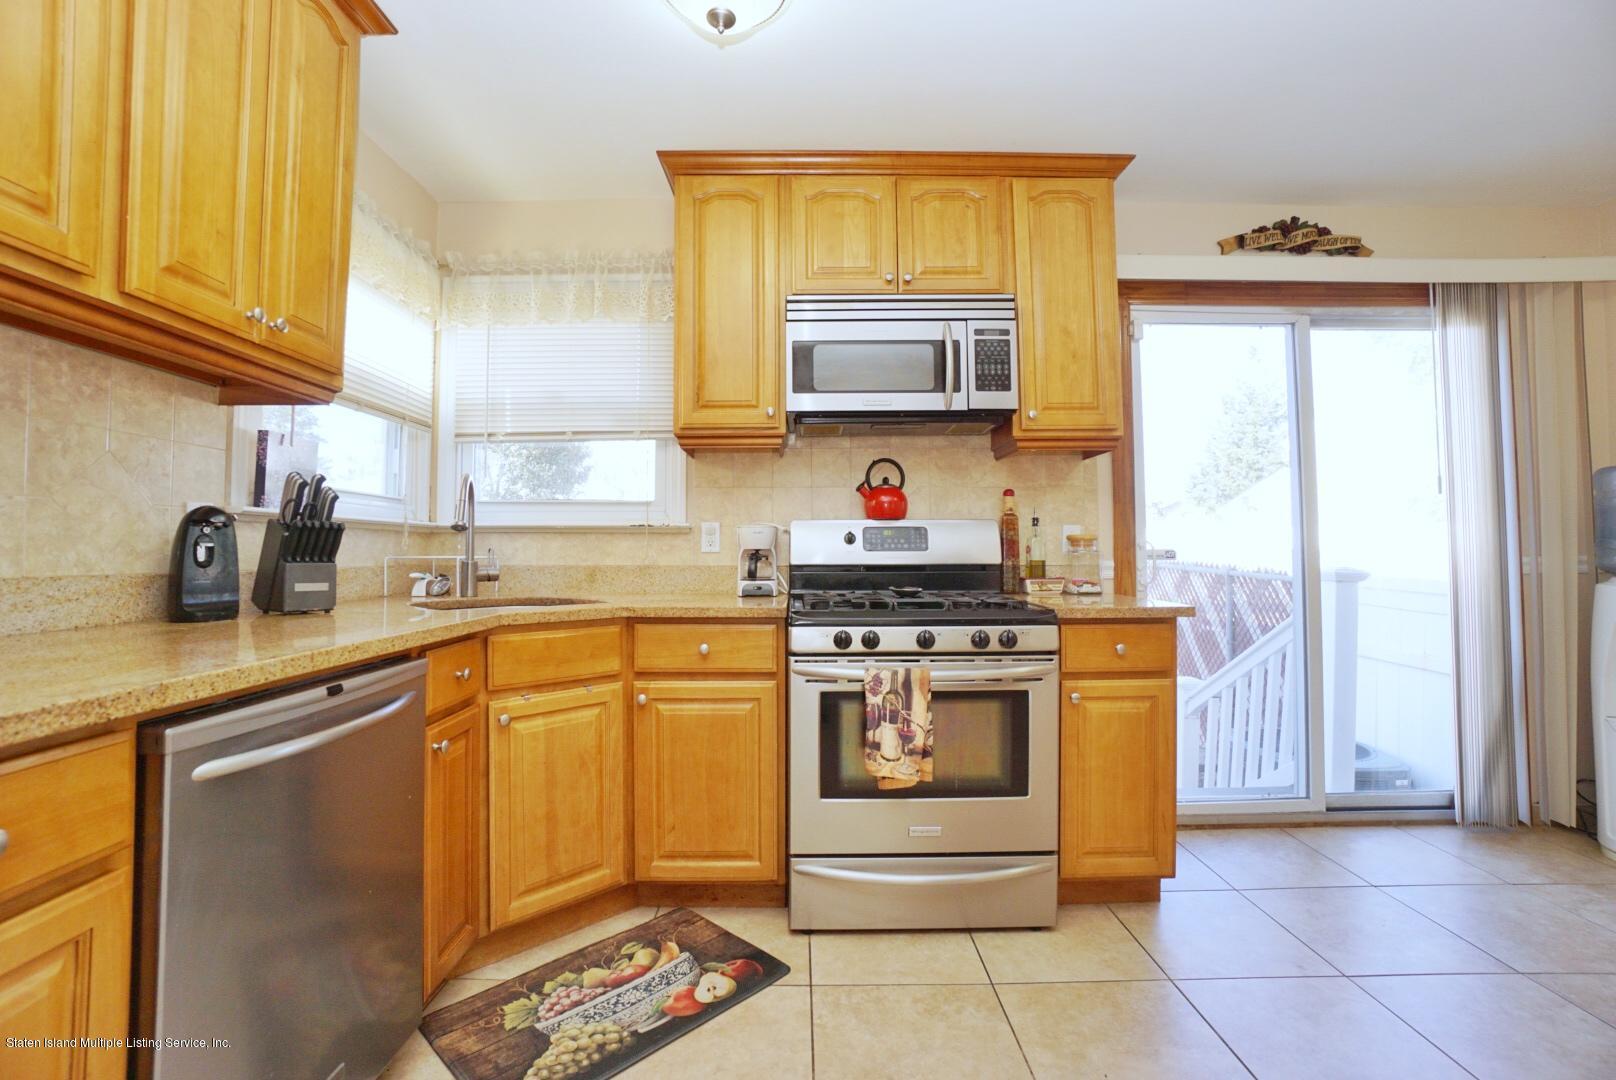 Single Family - Semi-Attached 604 Drumgoole Road  Staten Island, NY 10312, MLS-1141487-13